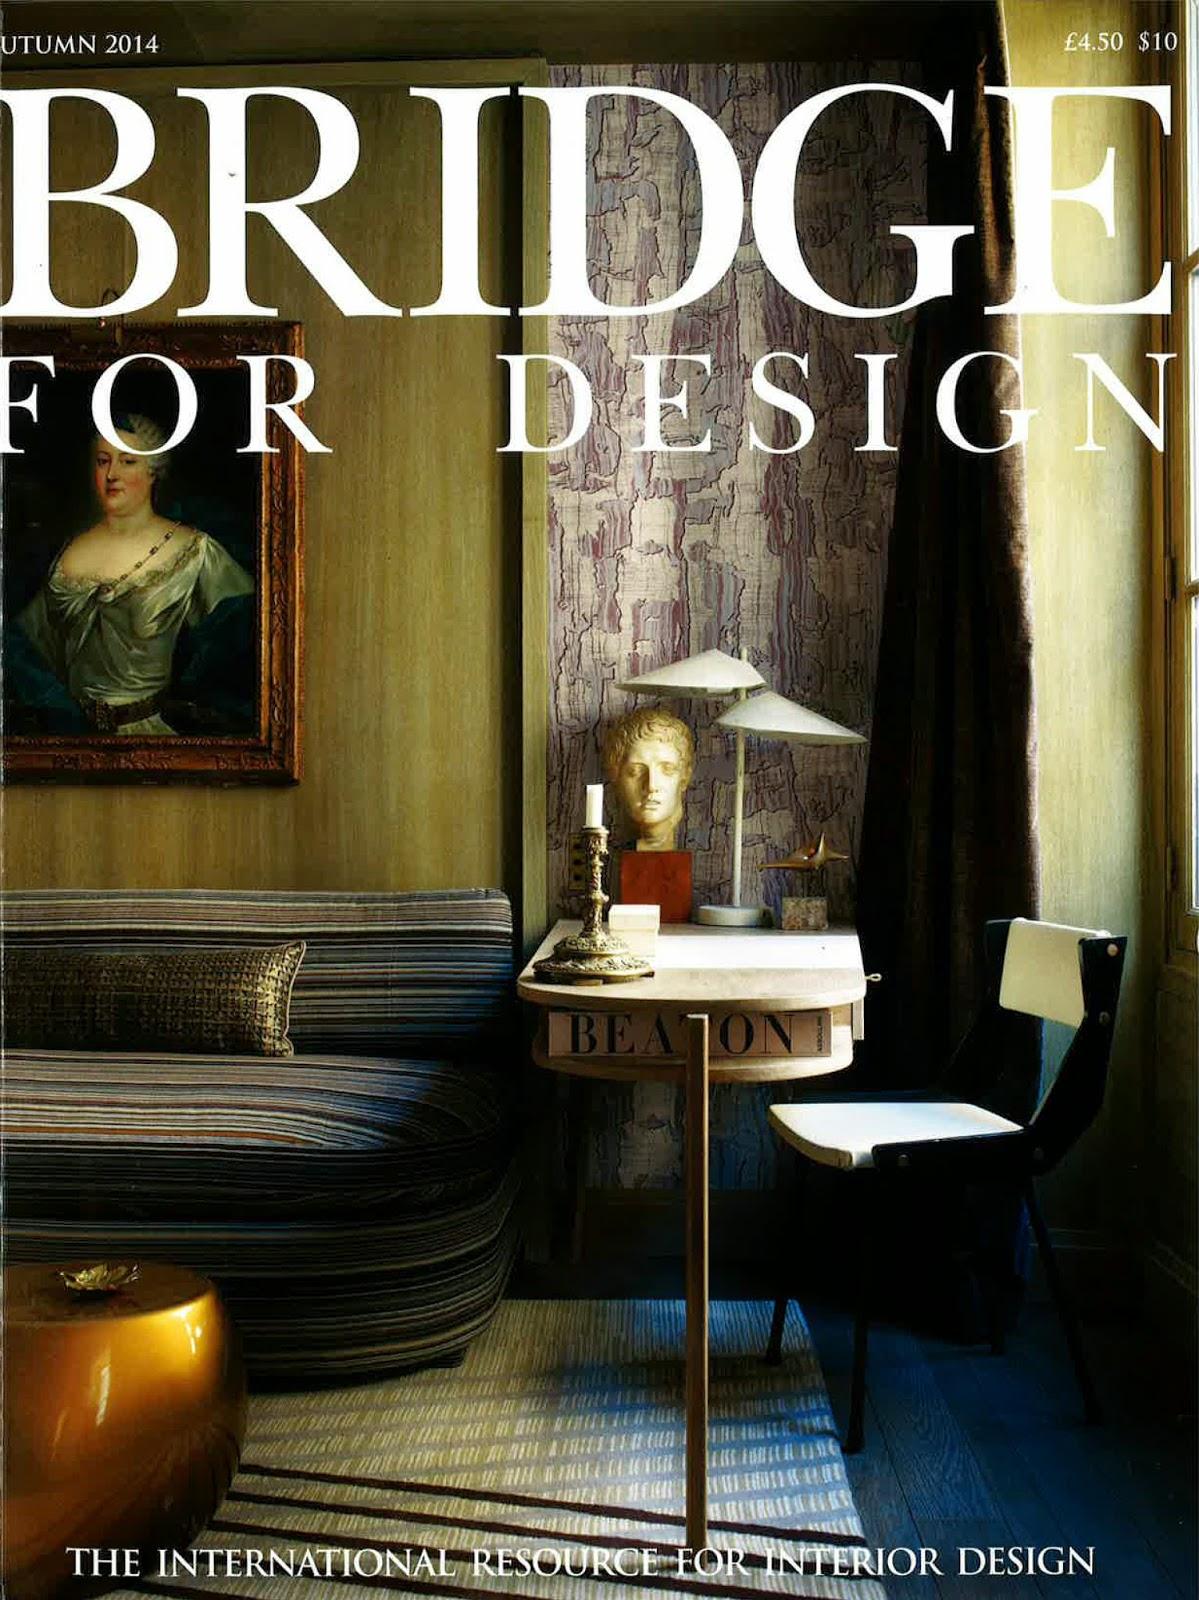 Bridge For Design 9 Oct 2014